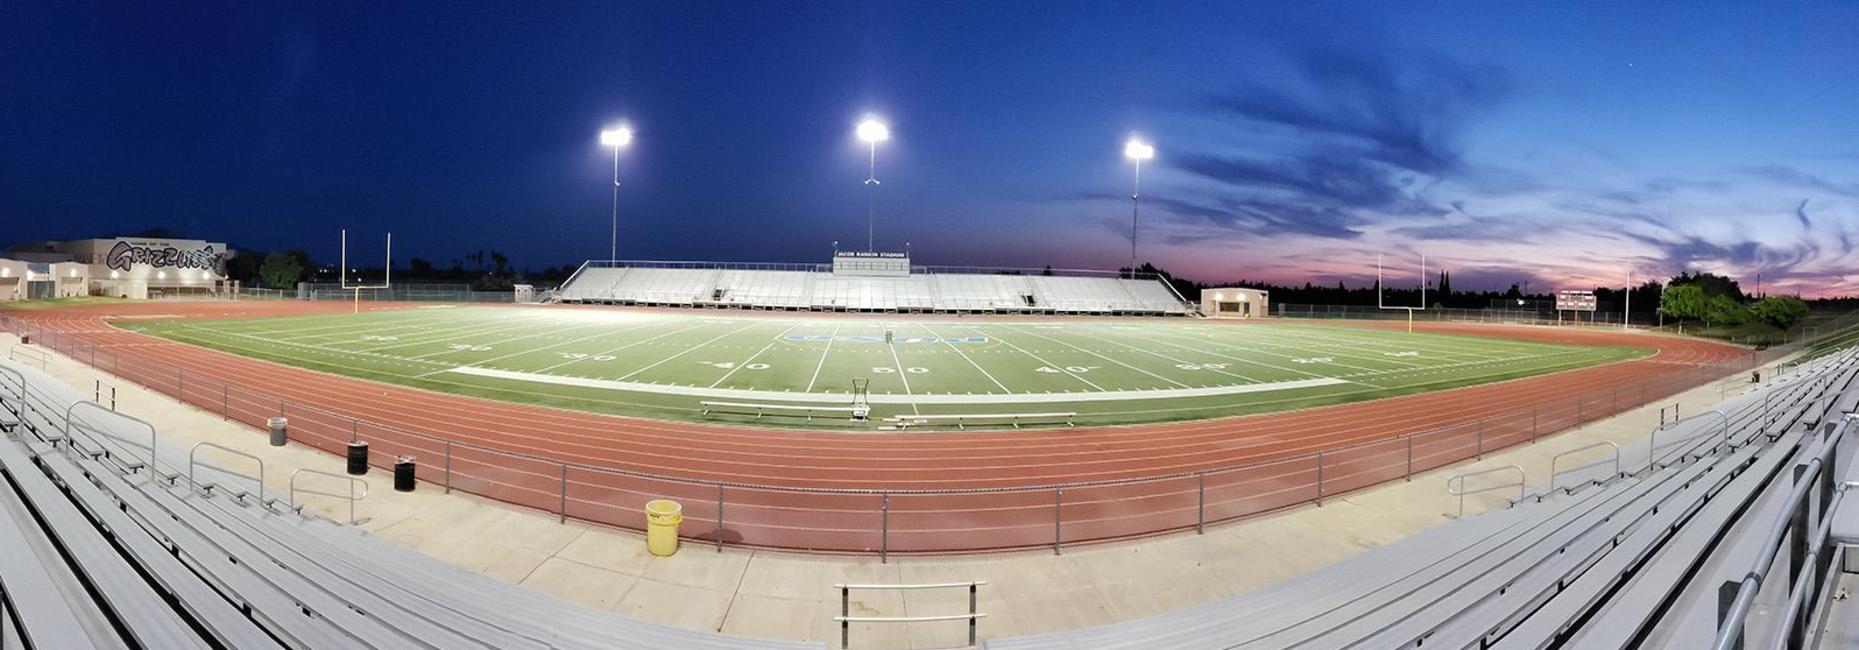 Rankin Stadium